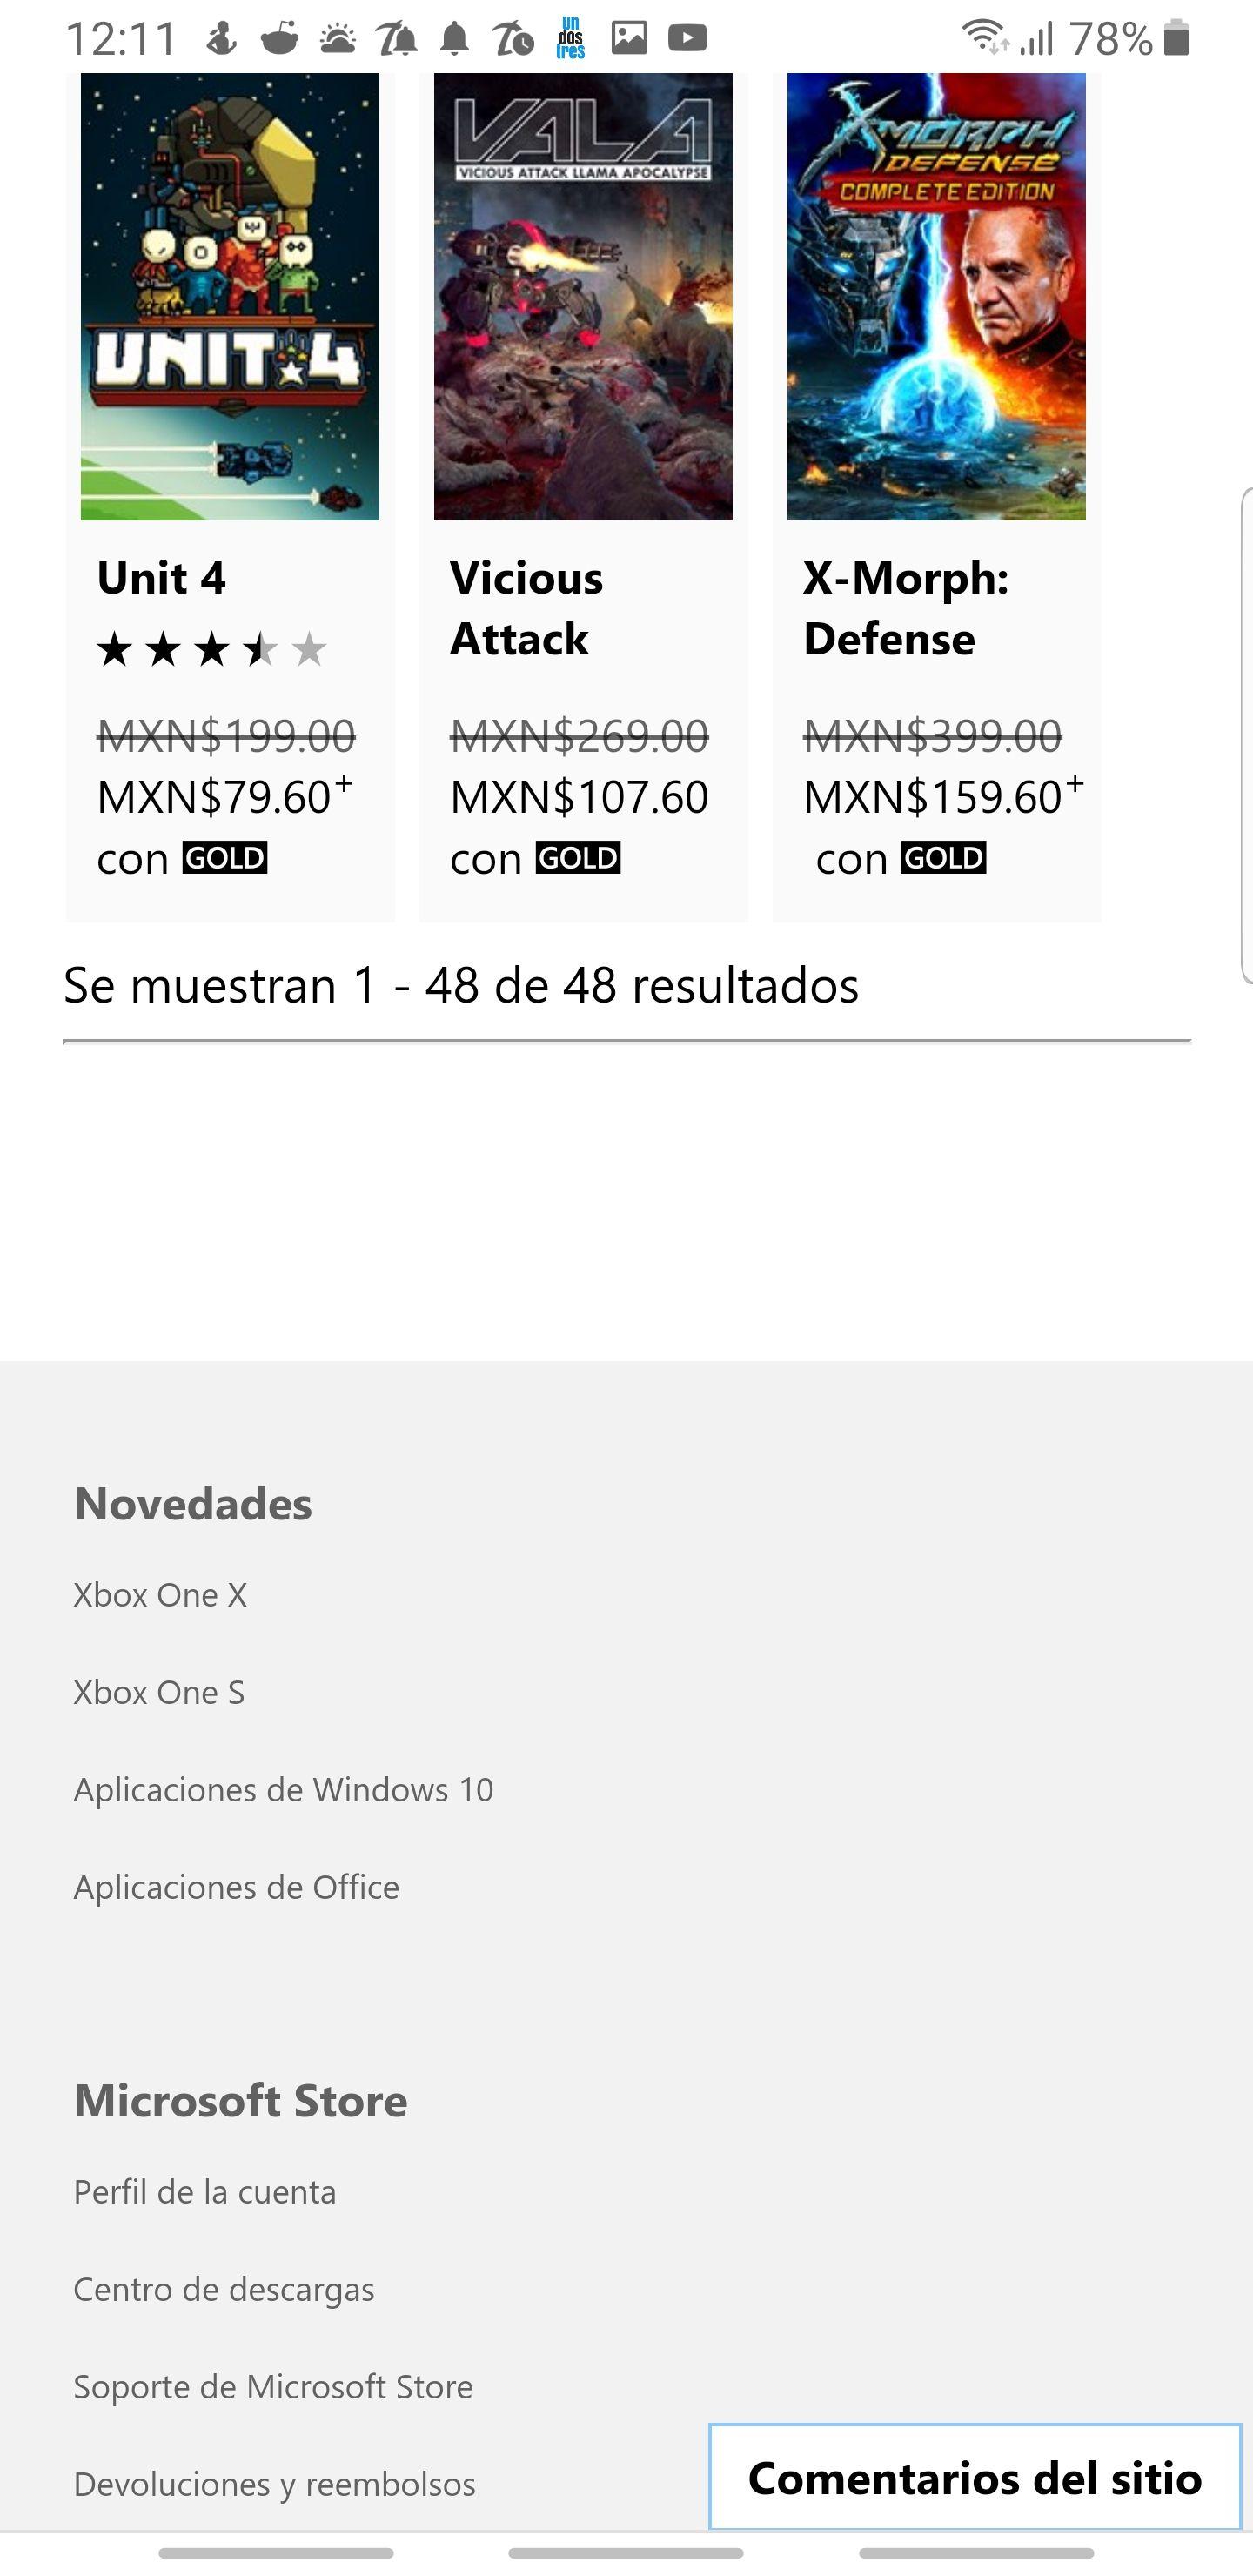 359994-rmrRE.jpg